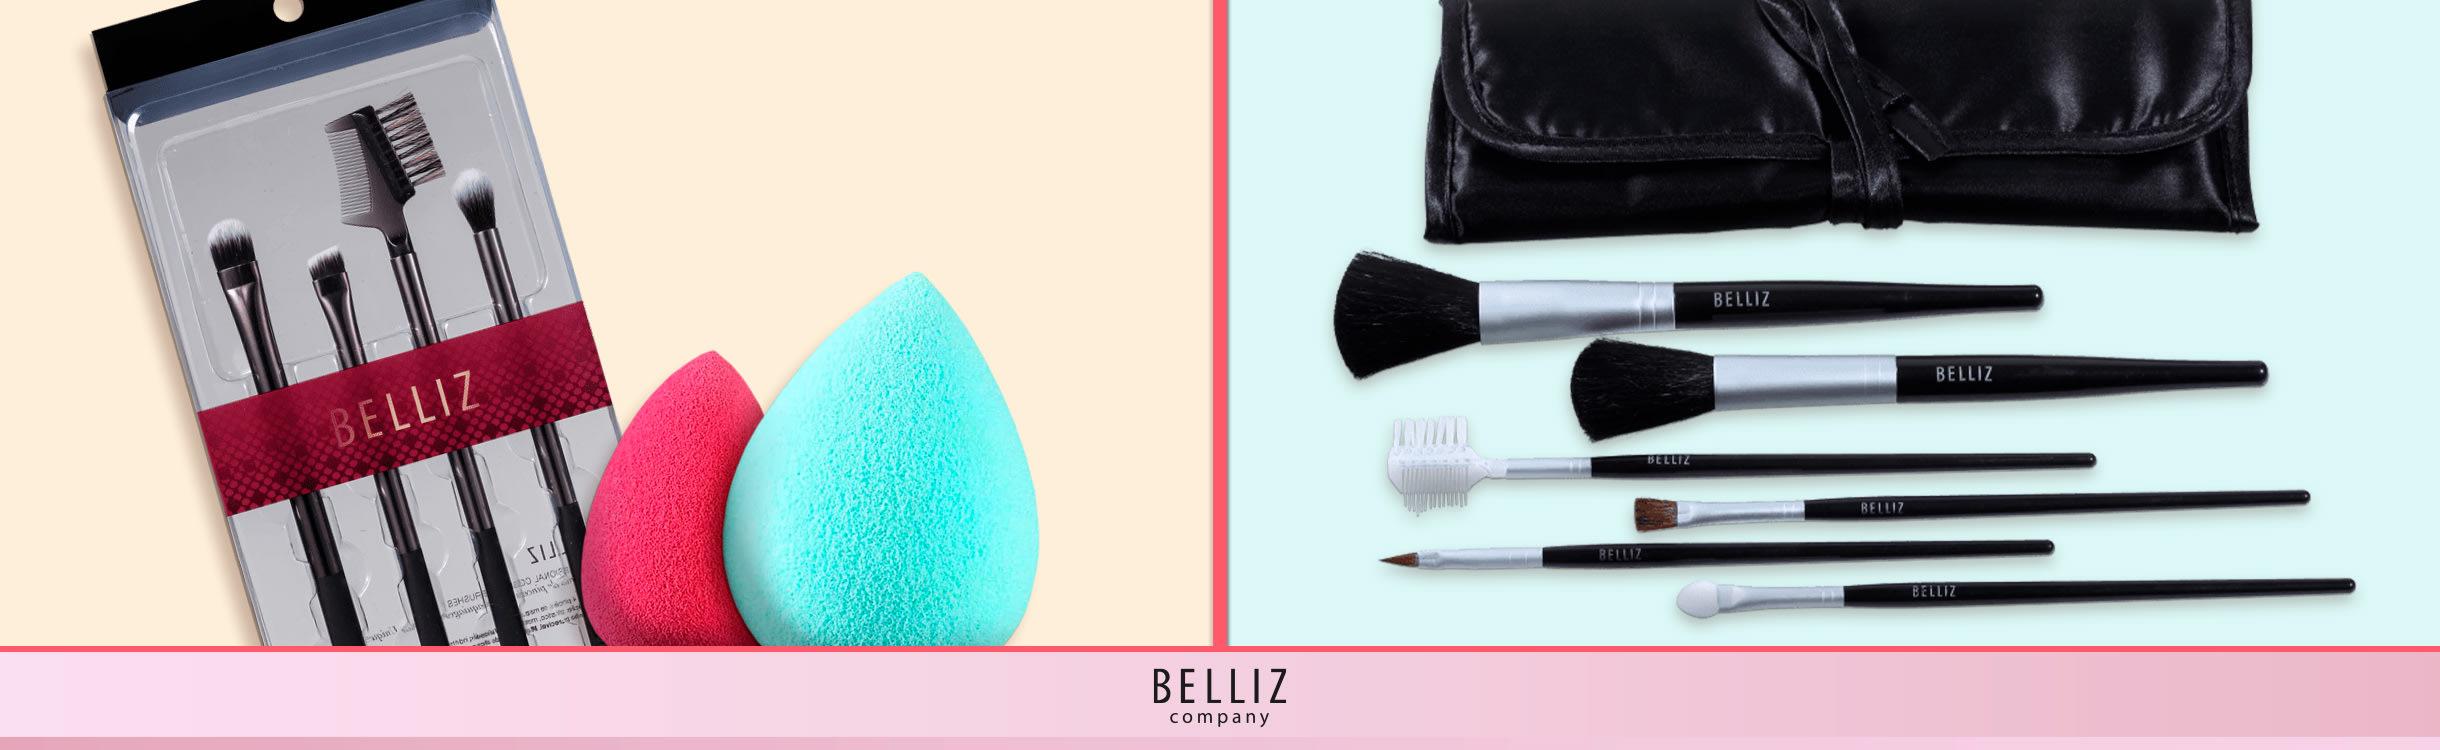 Kits Belliz de Maquiagem